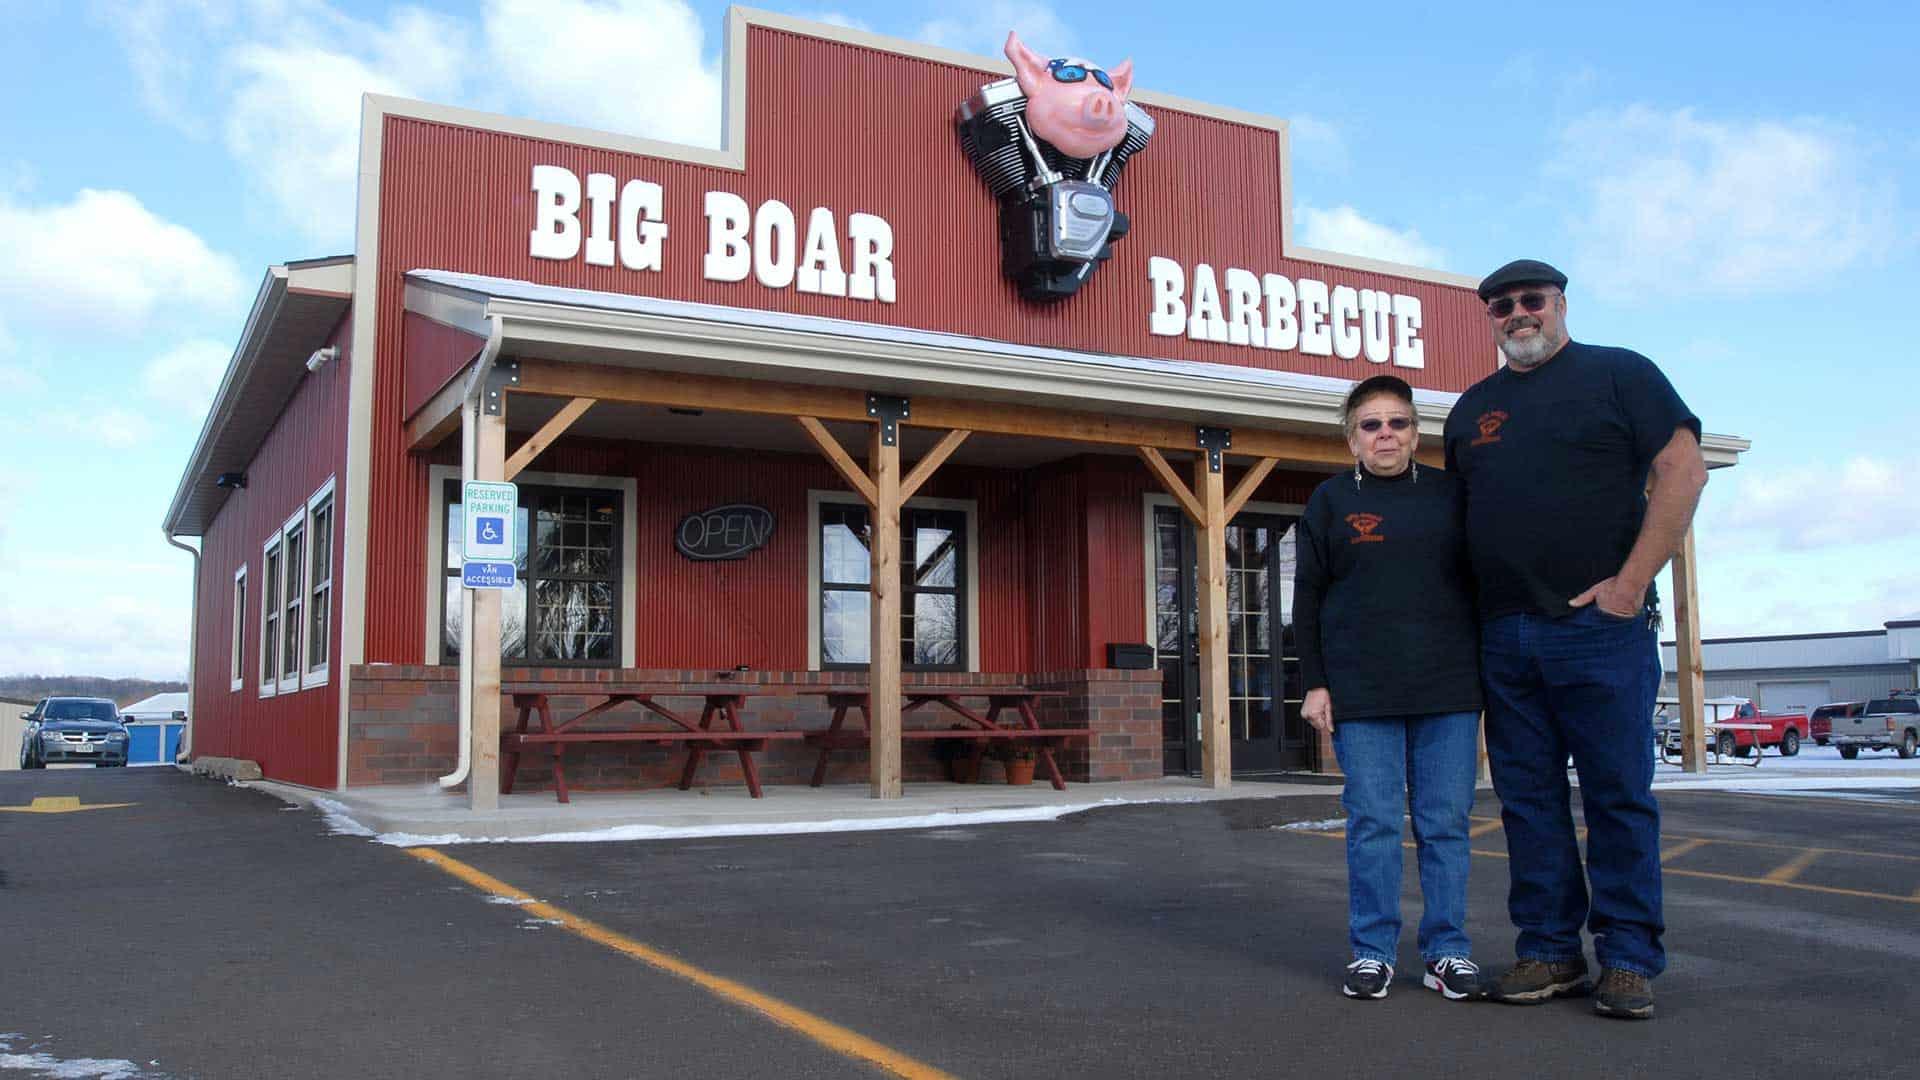 big-boar-bbq-1